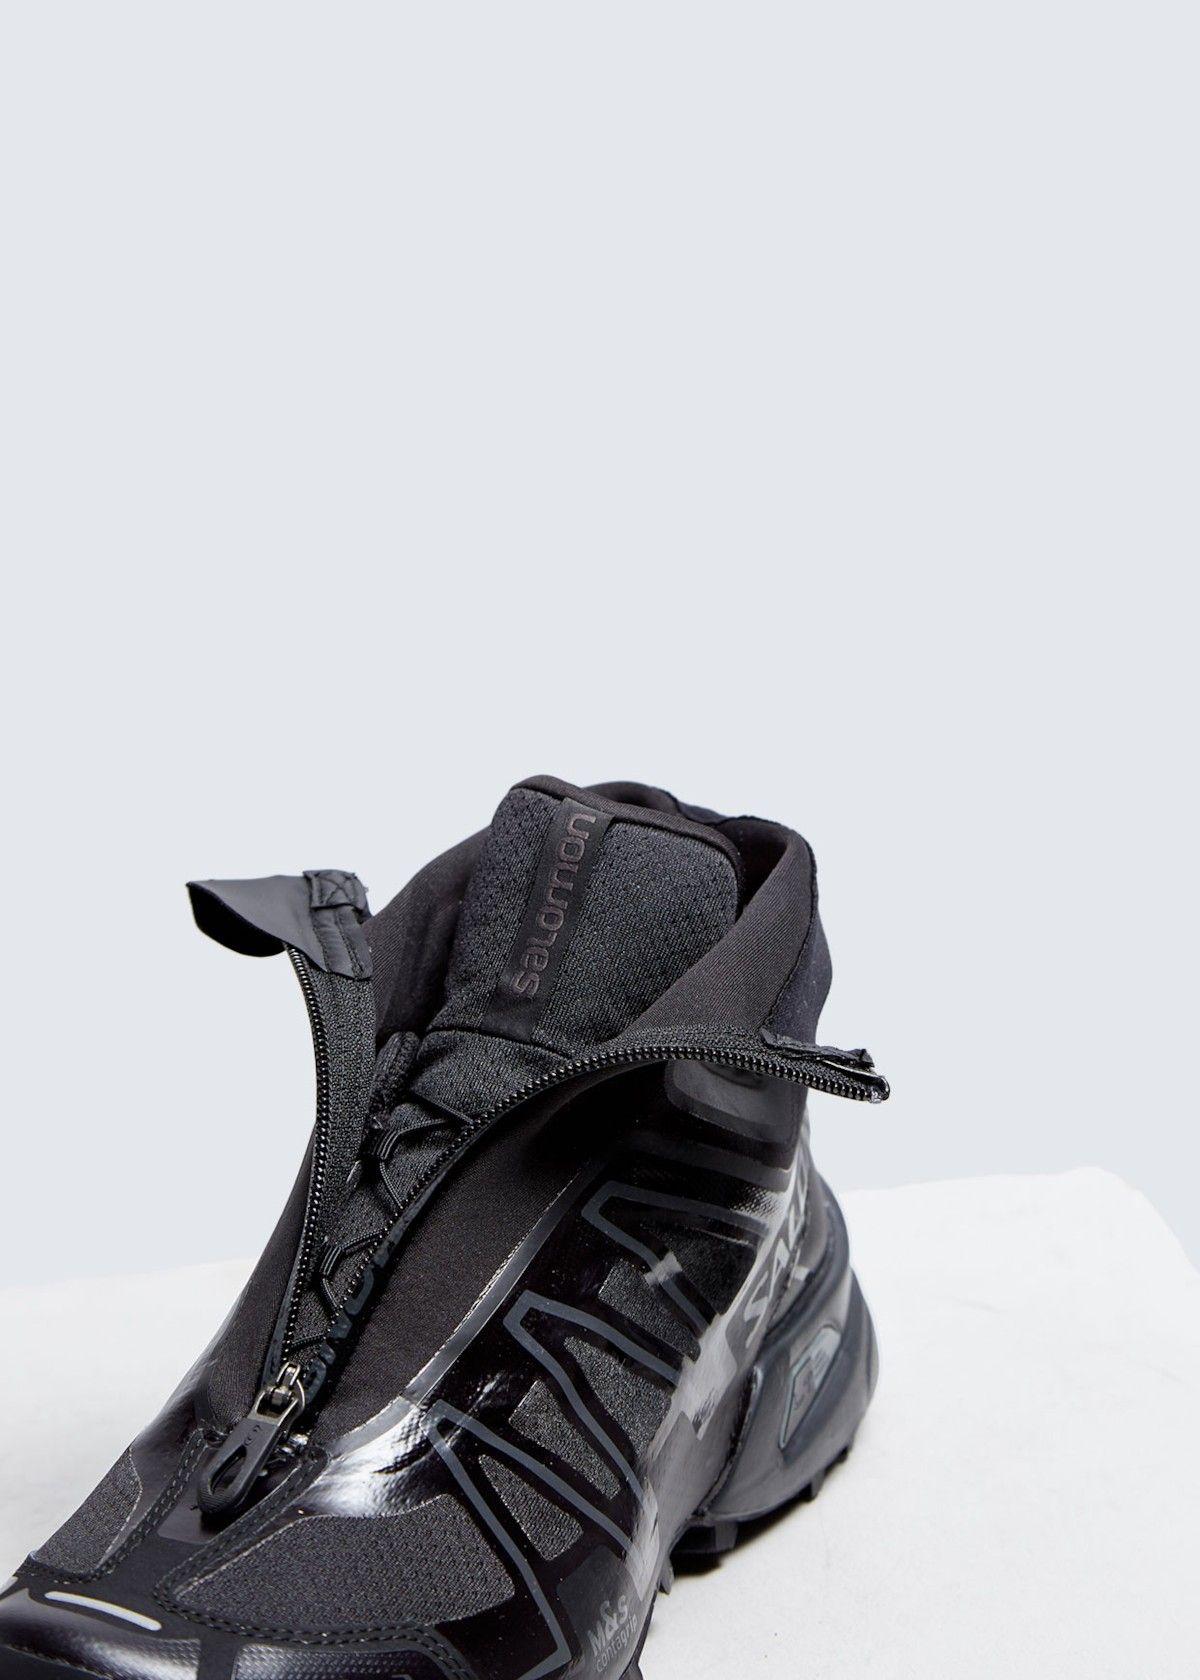 the best attitude b8e01 bdc3f Snowcross Adv Ltd | fashion in 2019 | Shoe boots, Sneakers ...